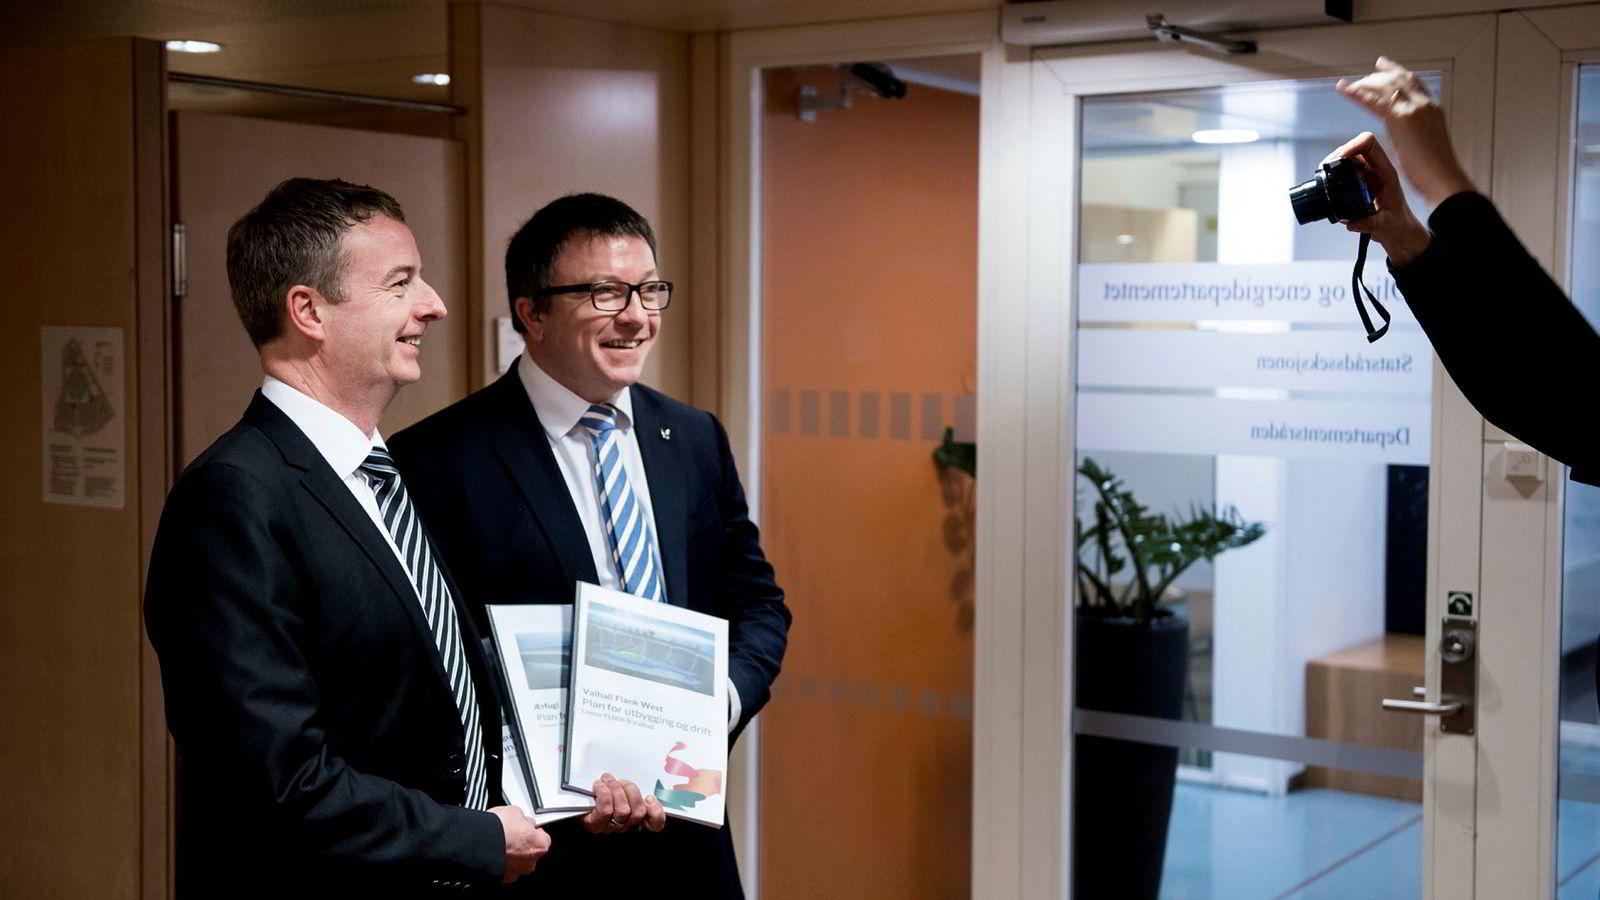 Olje- og energiminister Terje Søviknes (til venstre) og Aker BP-sjef Karl Johnny Hersvik ble iherdig fotografert da Aker BP leverte tre utbyggingsplaner på til sammen 15,5 milliarder kroner i departementet fredag.